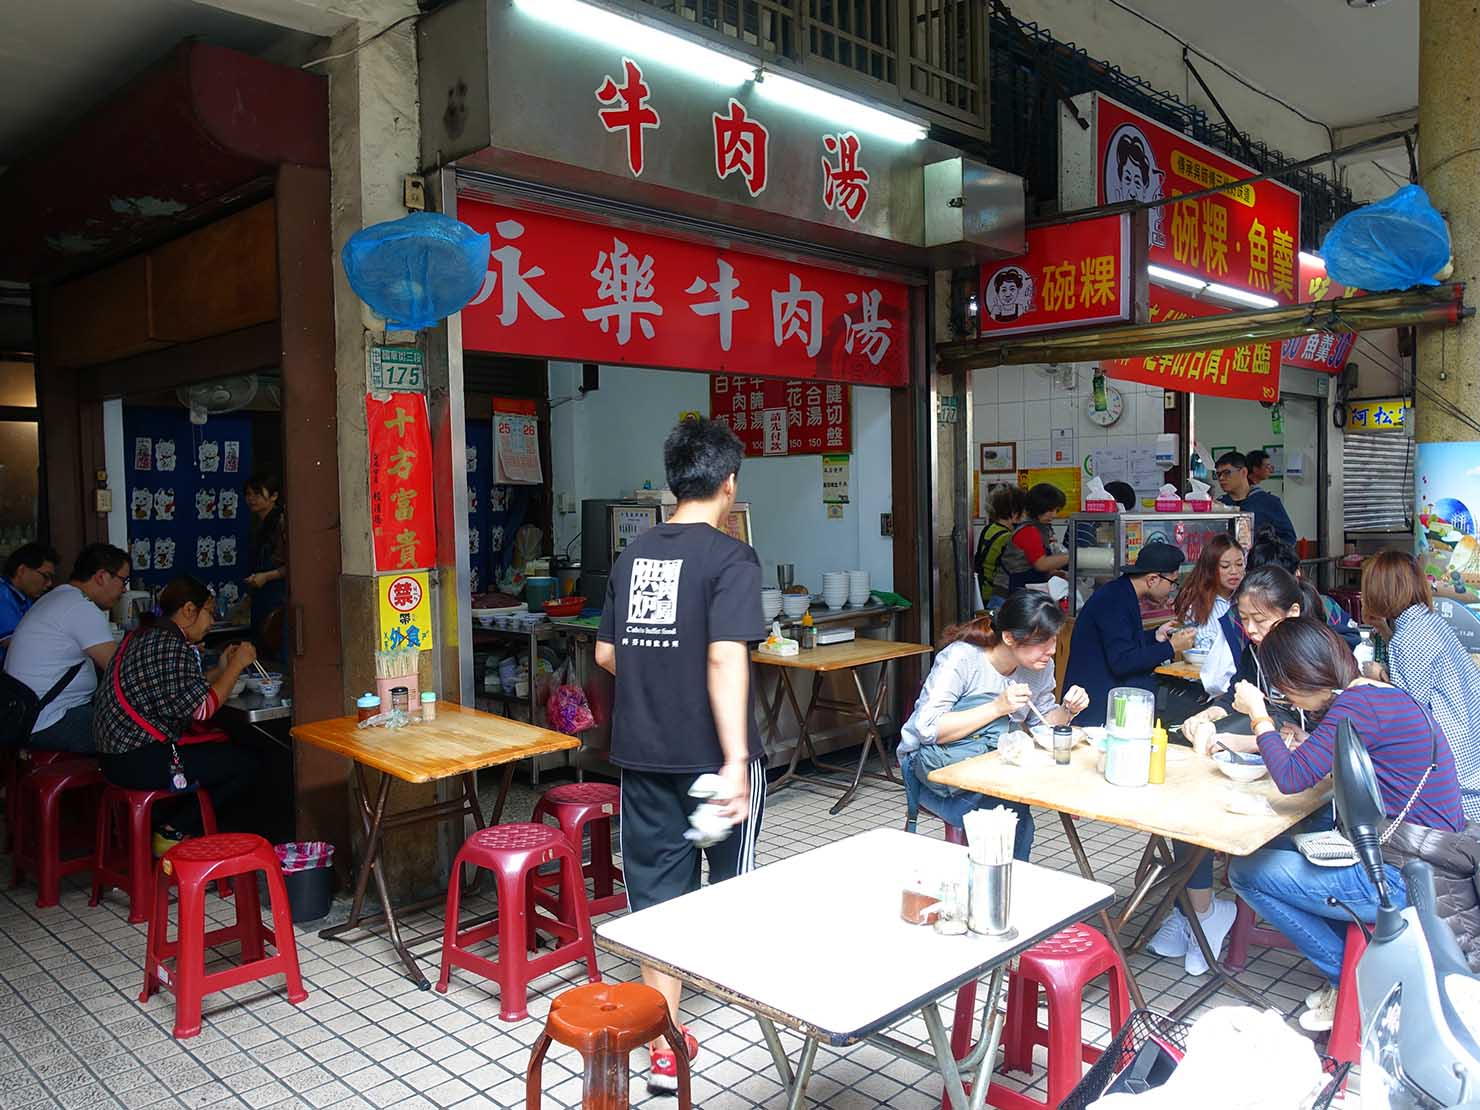 台南・永樂市場(國華街)のおすすめ台湾グルメ店「永樂牛肉湯」の外観